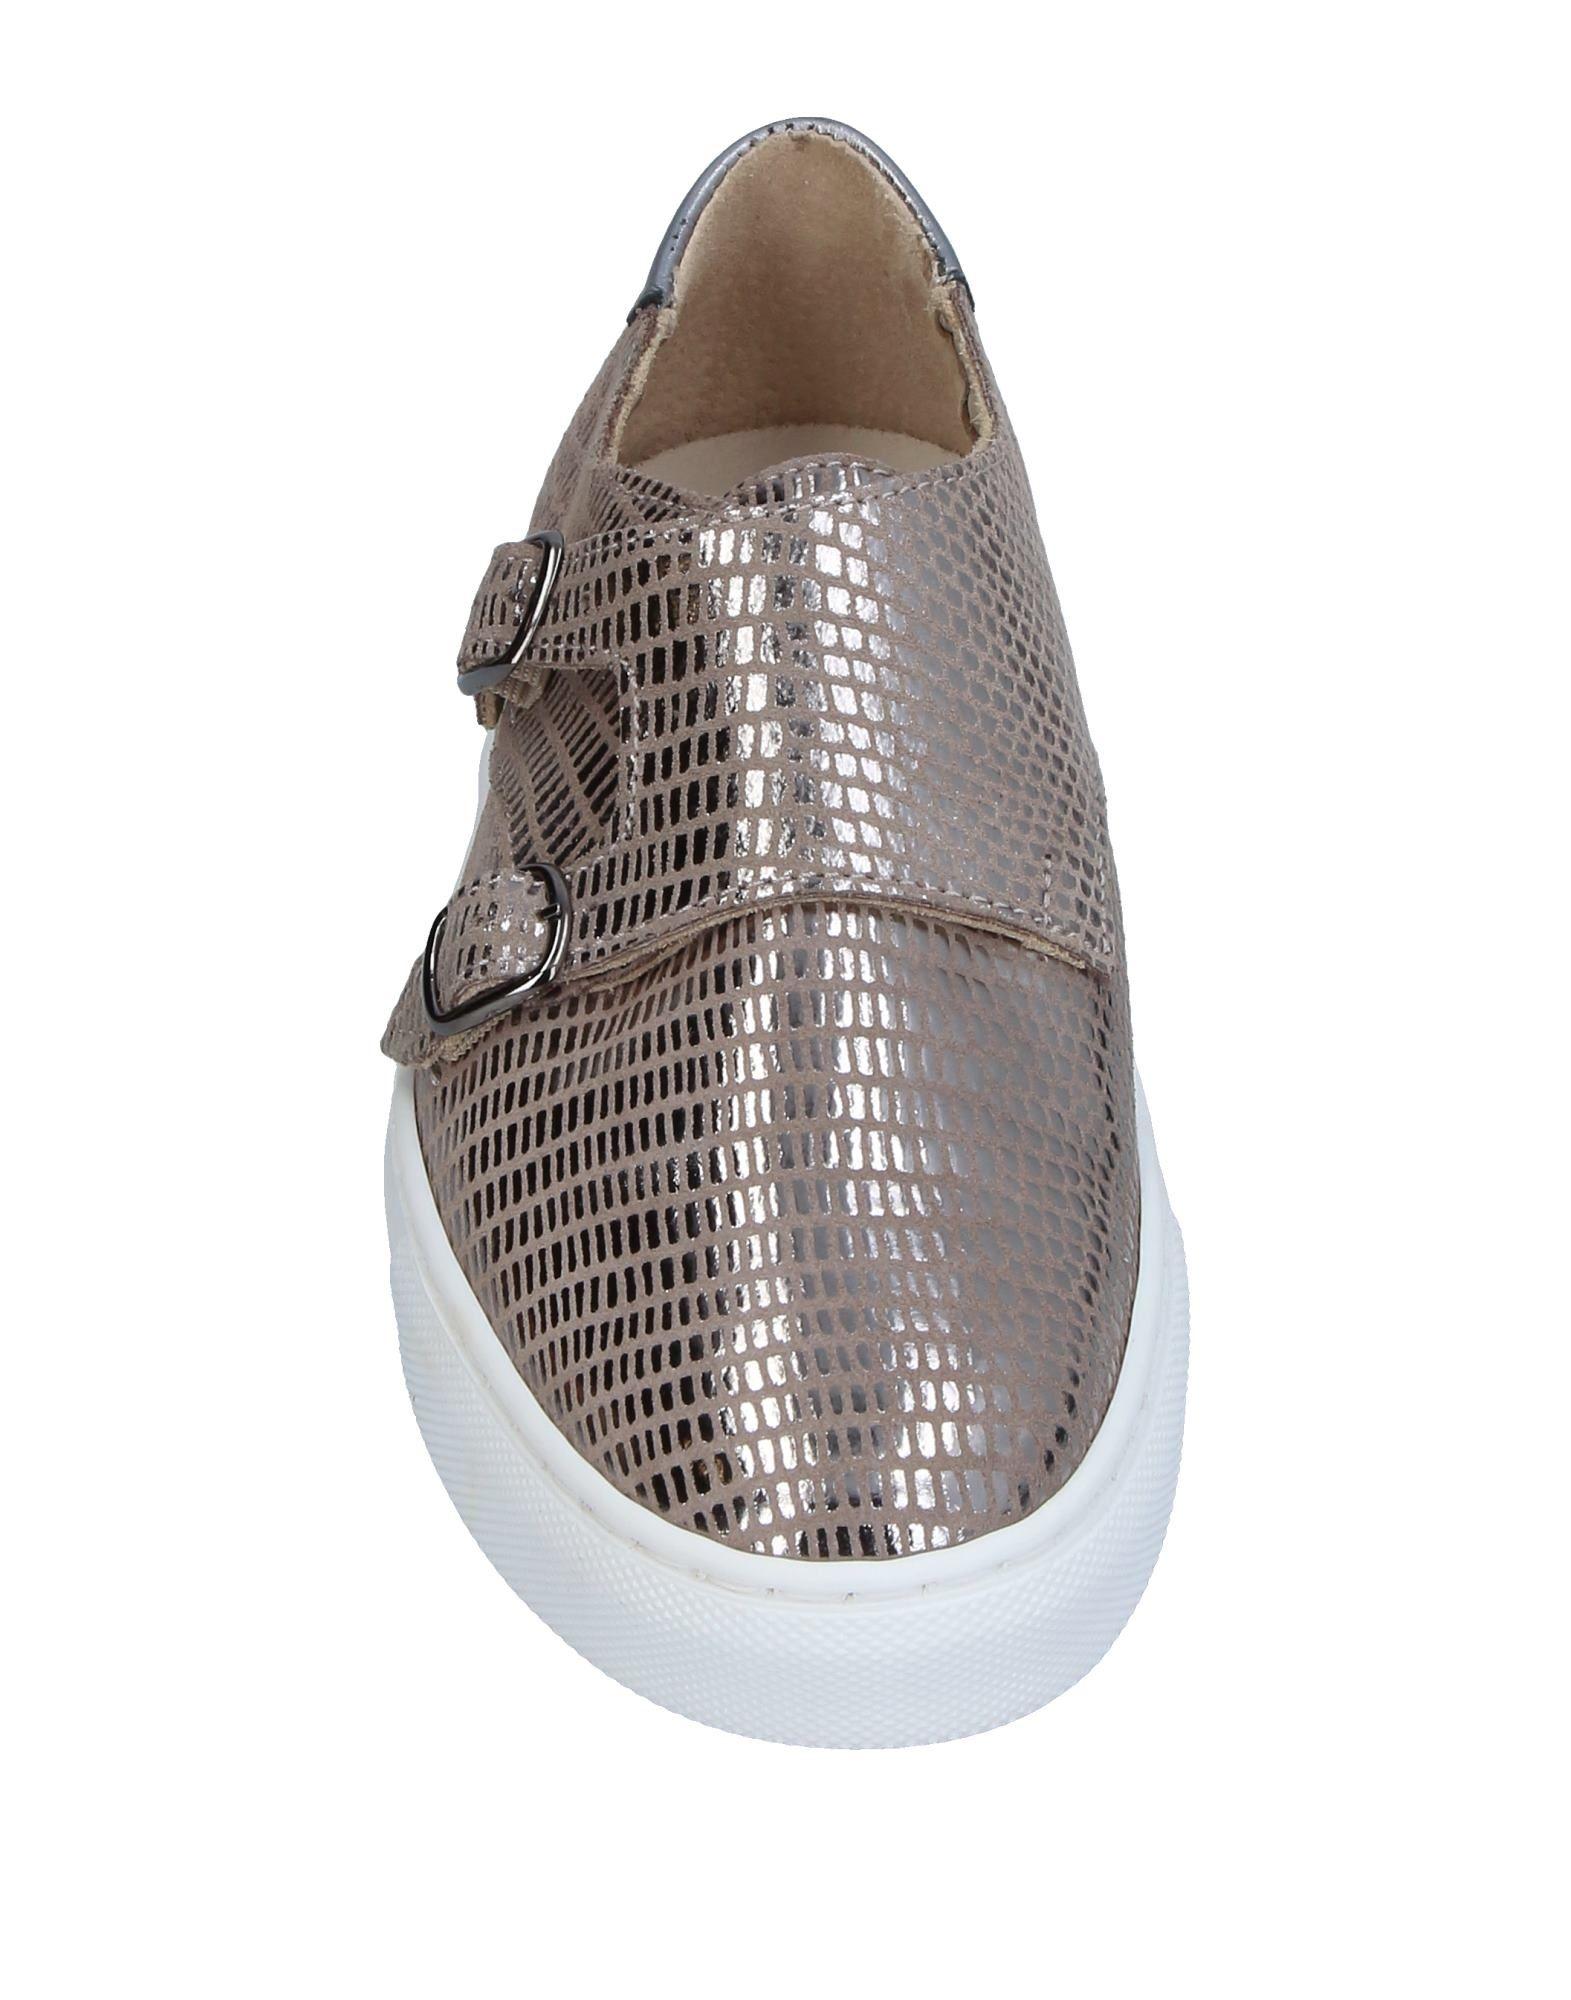 Liu •Jo Shoes Sneakers Damen Damen Sneakers  11372663LO Gute Qualität beliebte Schuhe aae4cb